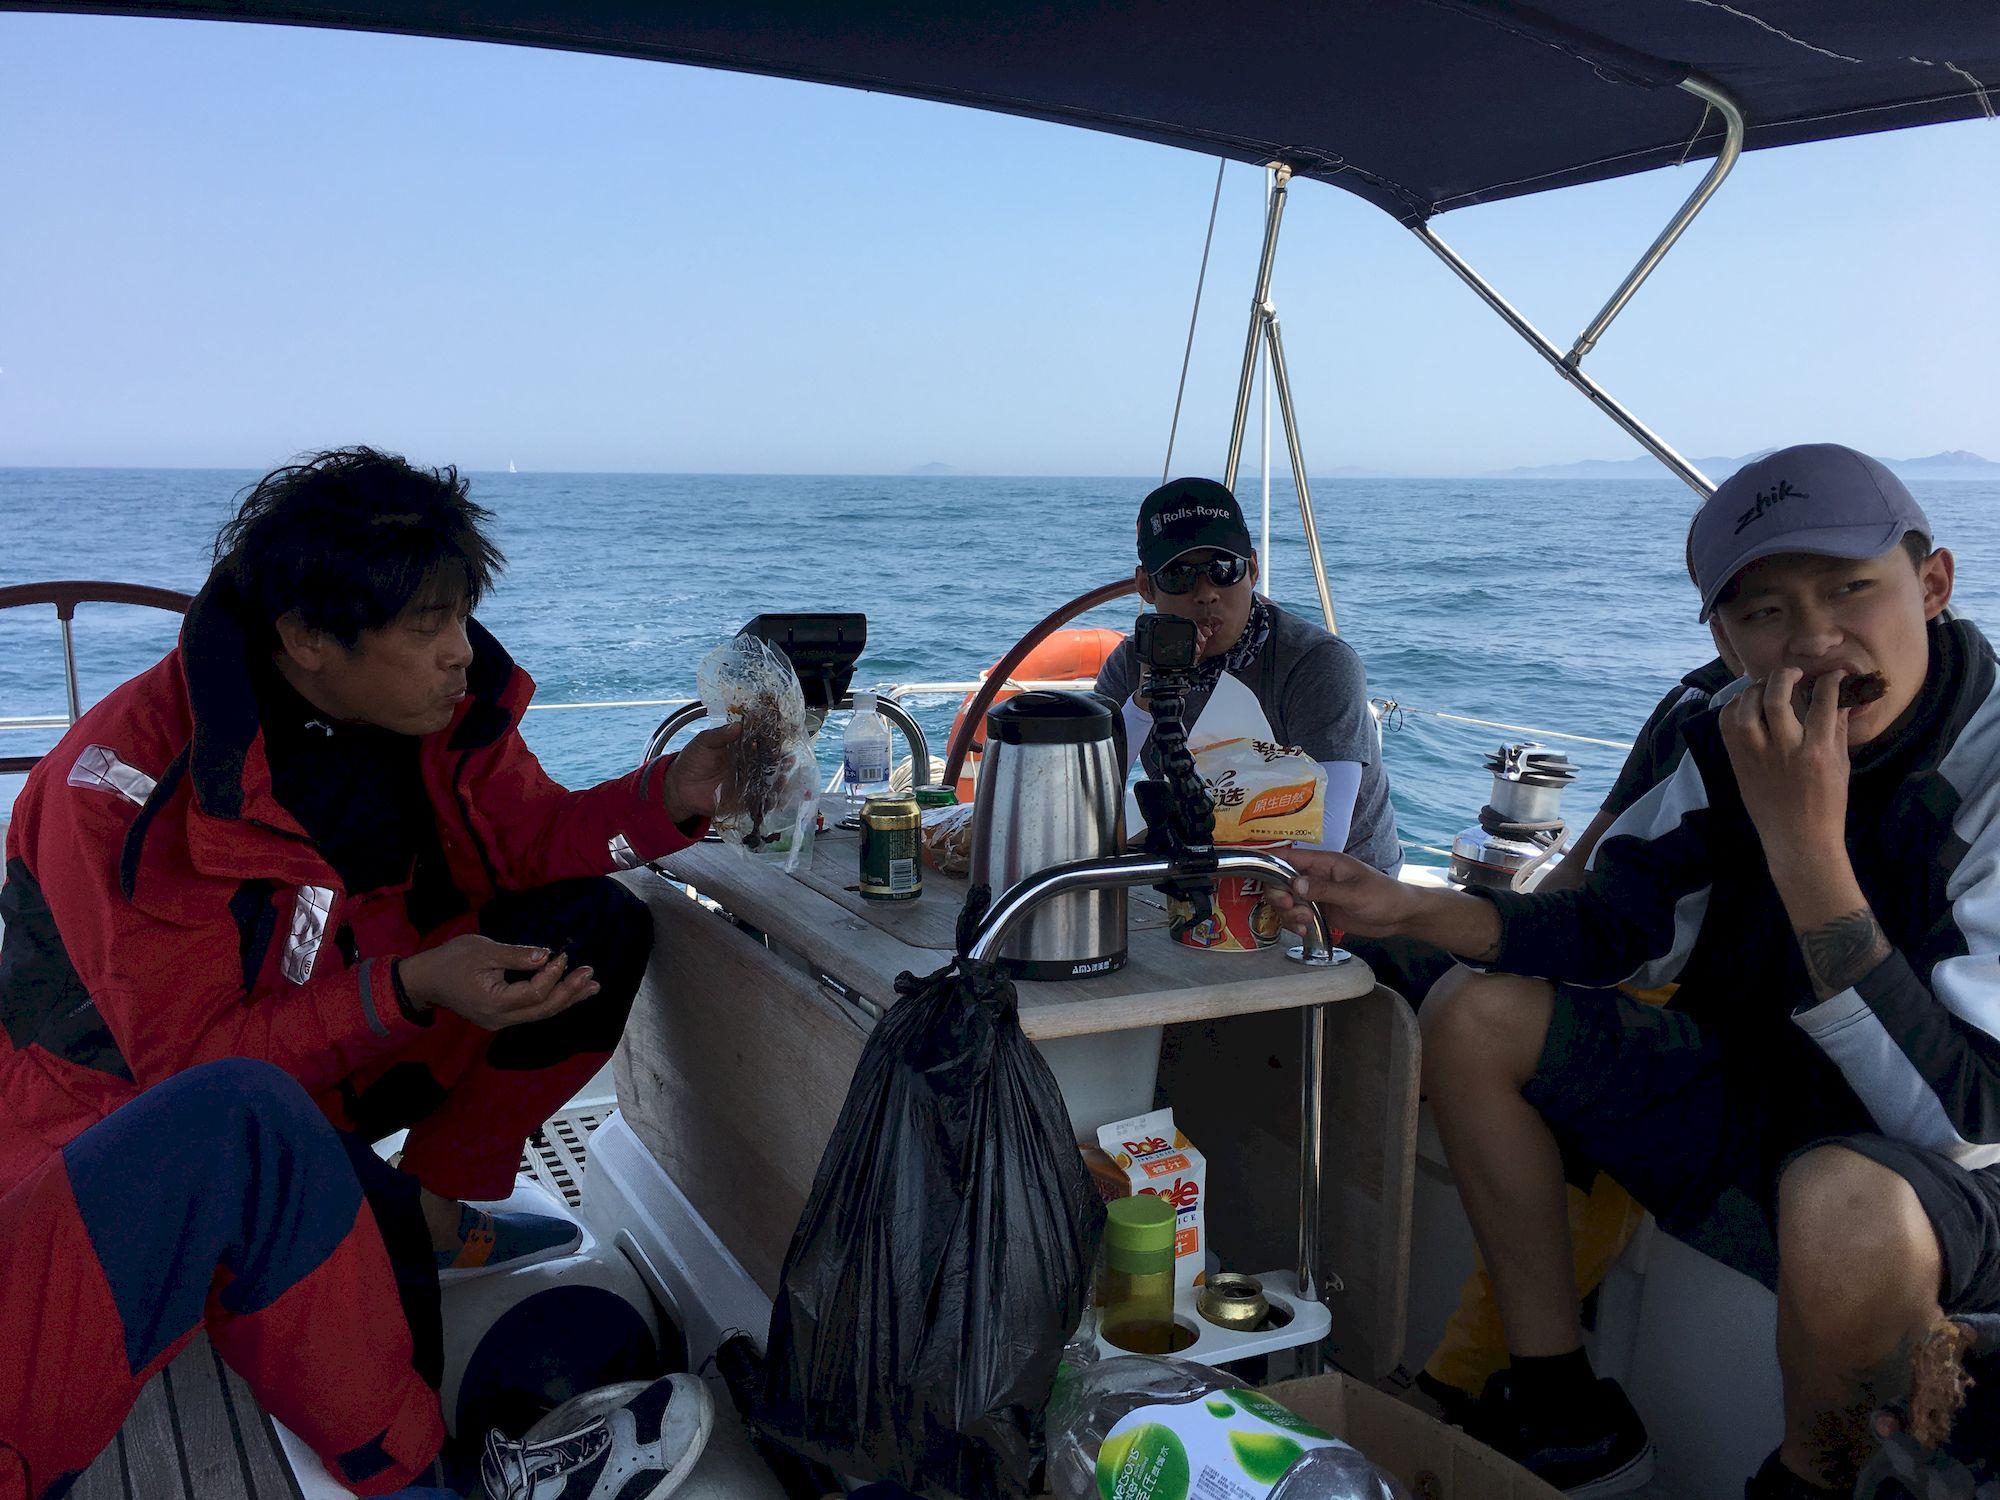 012b-IMG_2681_千帆俱乐部我要航海网帆船队-2016威海-仁川国际帆船赛.JPG